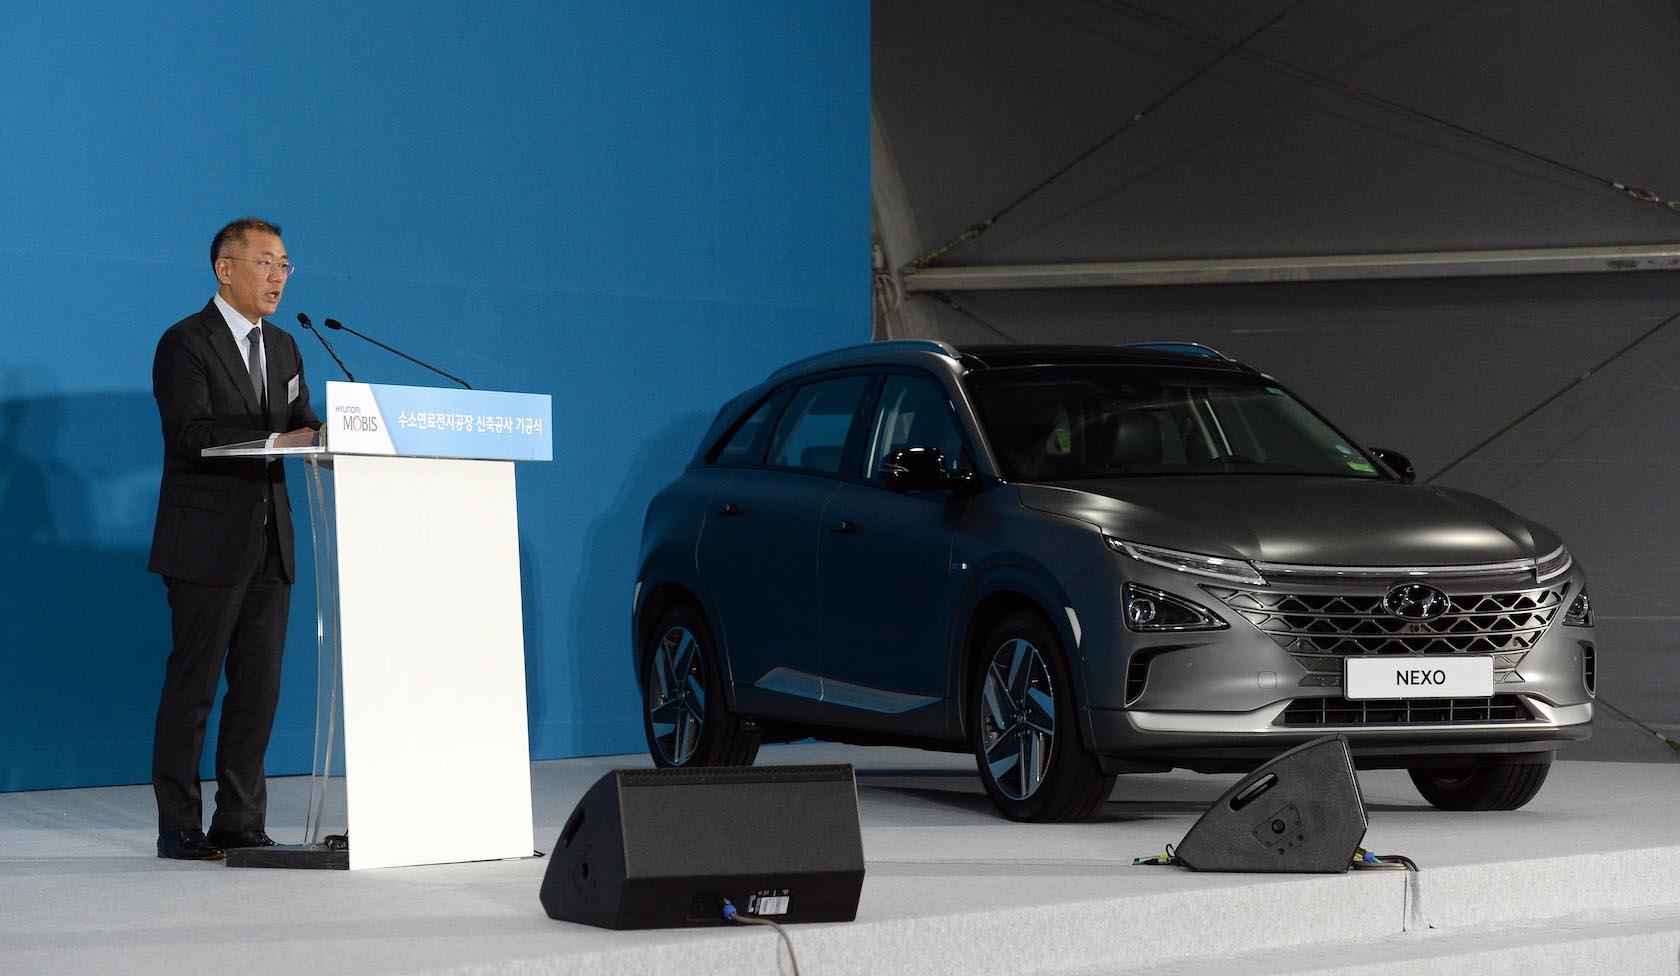 2018, une année prometteuse pour Hyundai